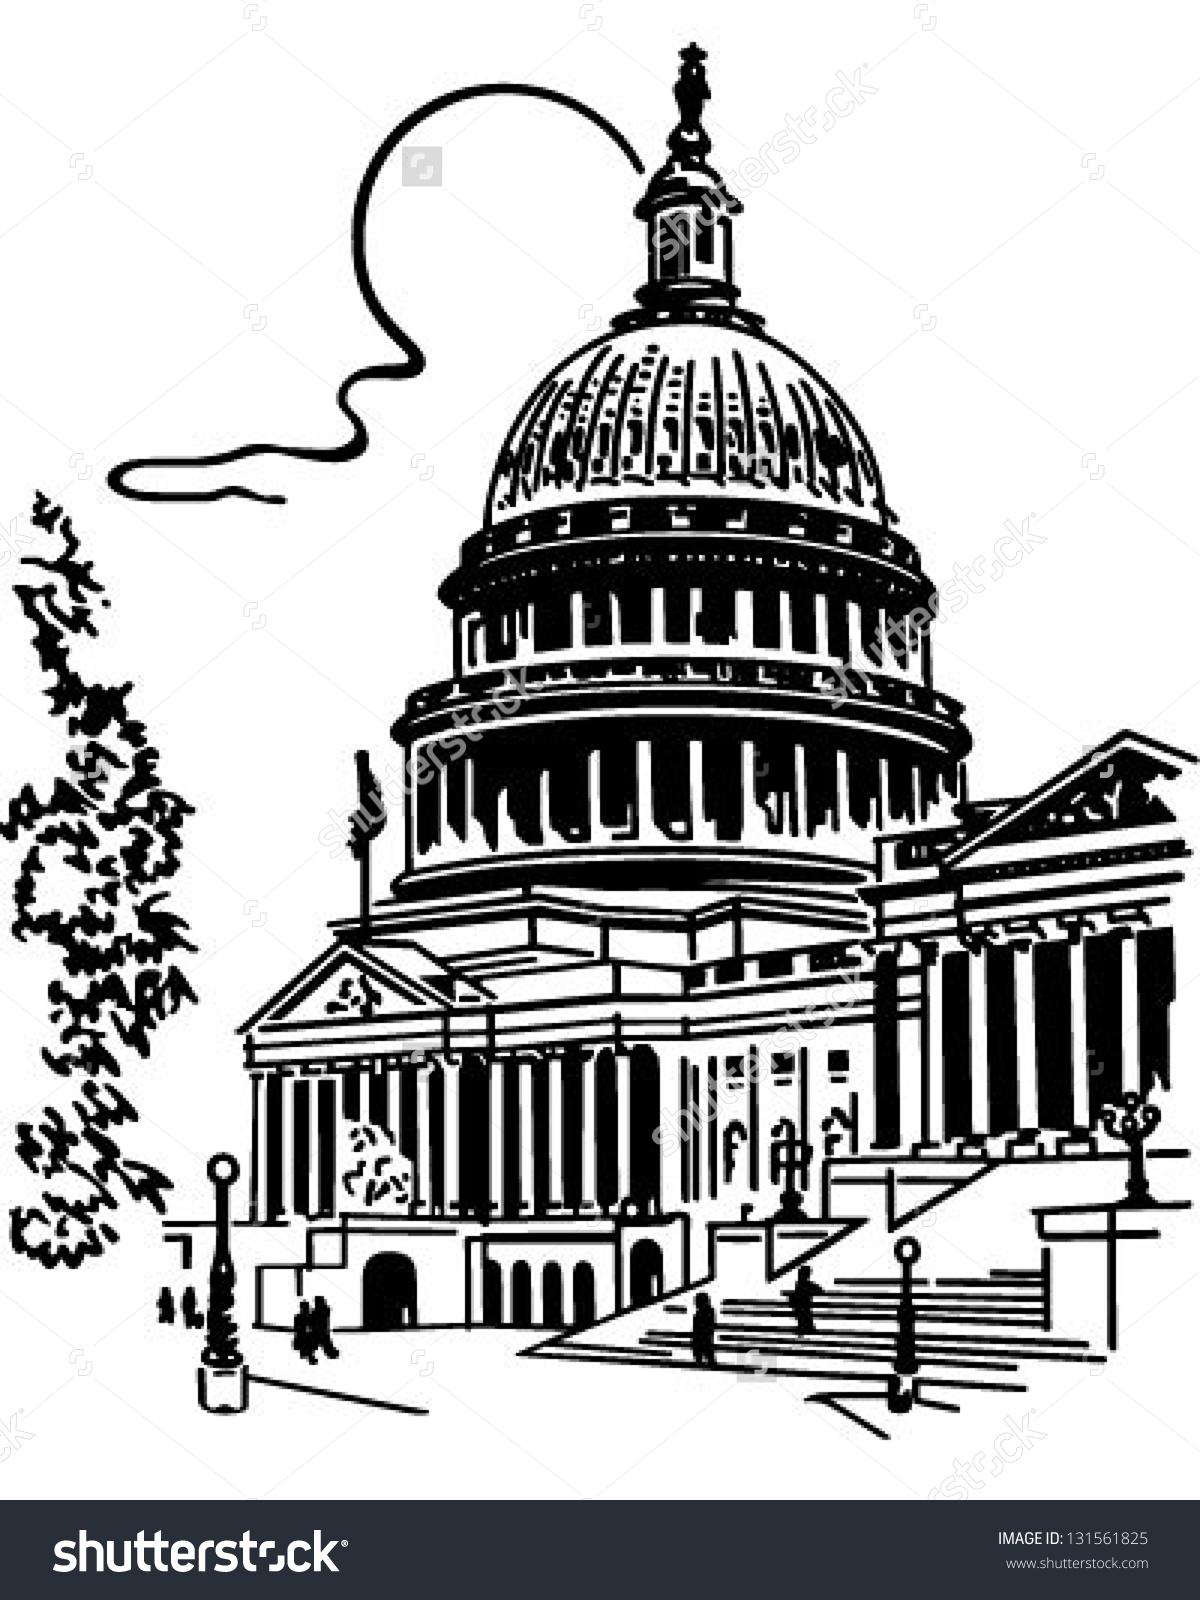 Us Capitol Building Retro Clip Art Stock Vector 131561825.